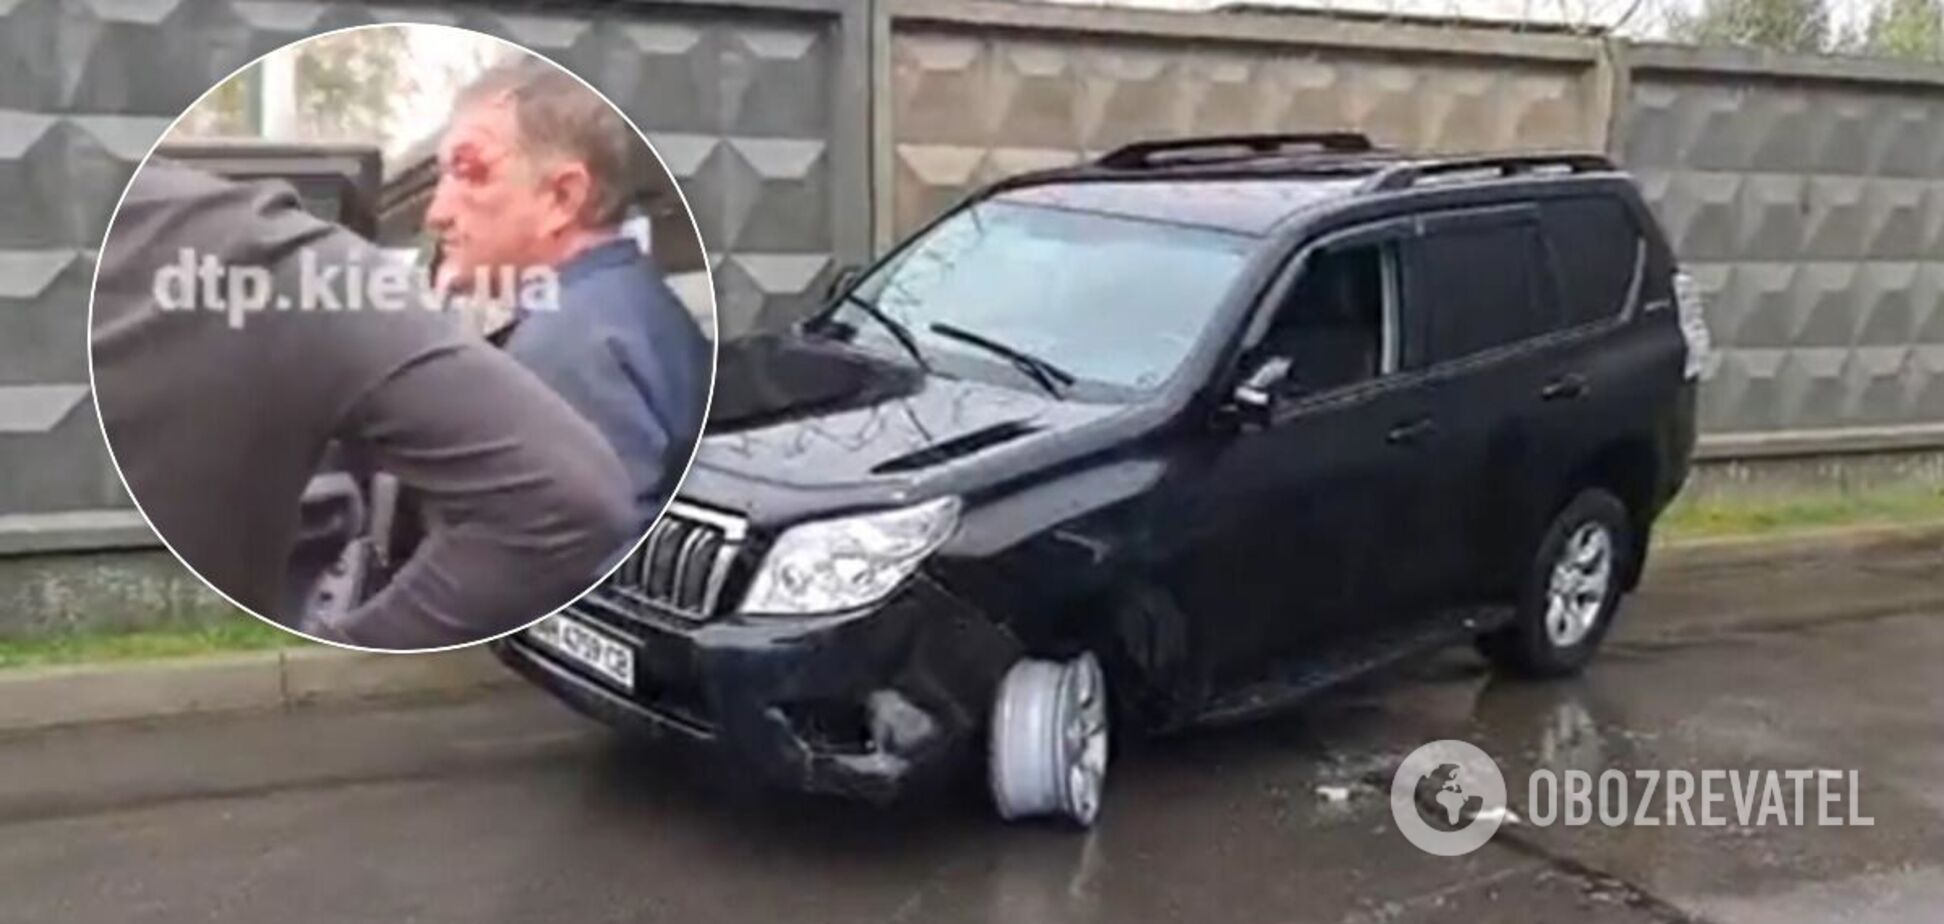 Водій Toyota Prado таранив машини, поки не втратив колесо